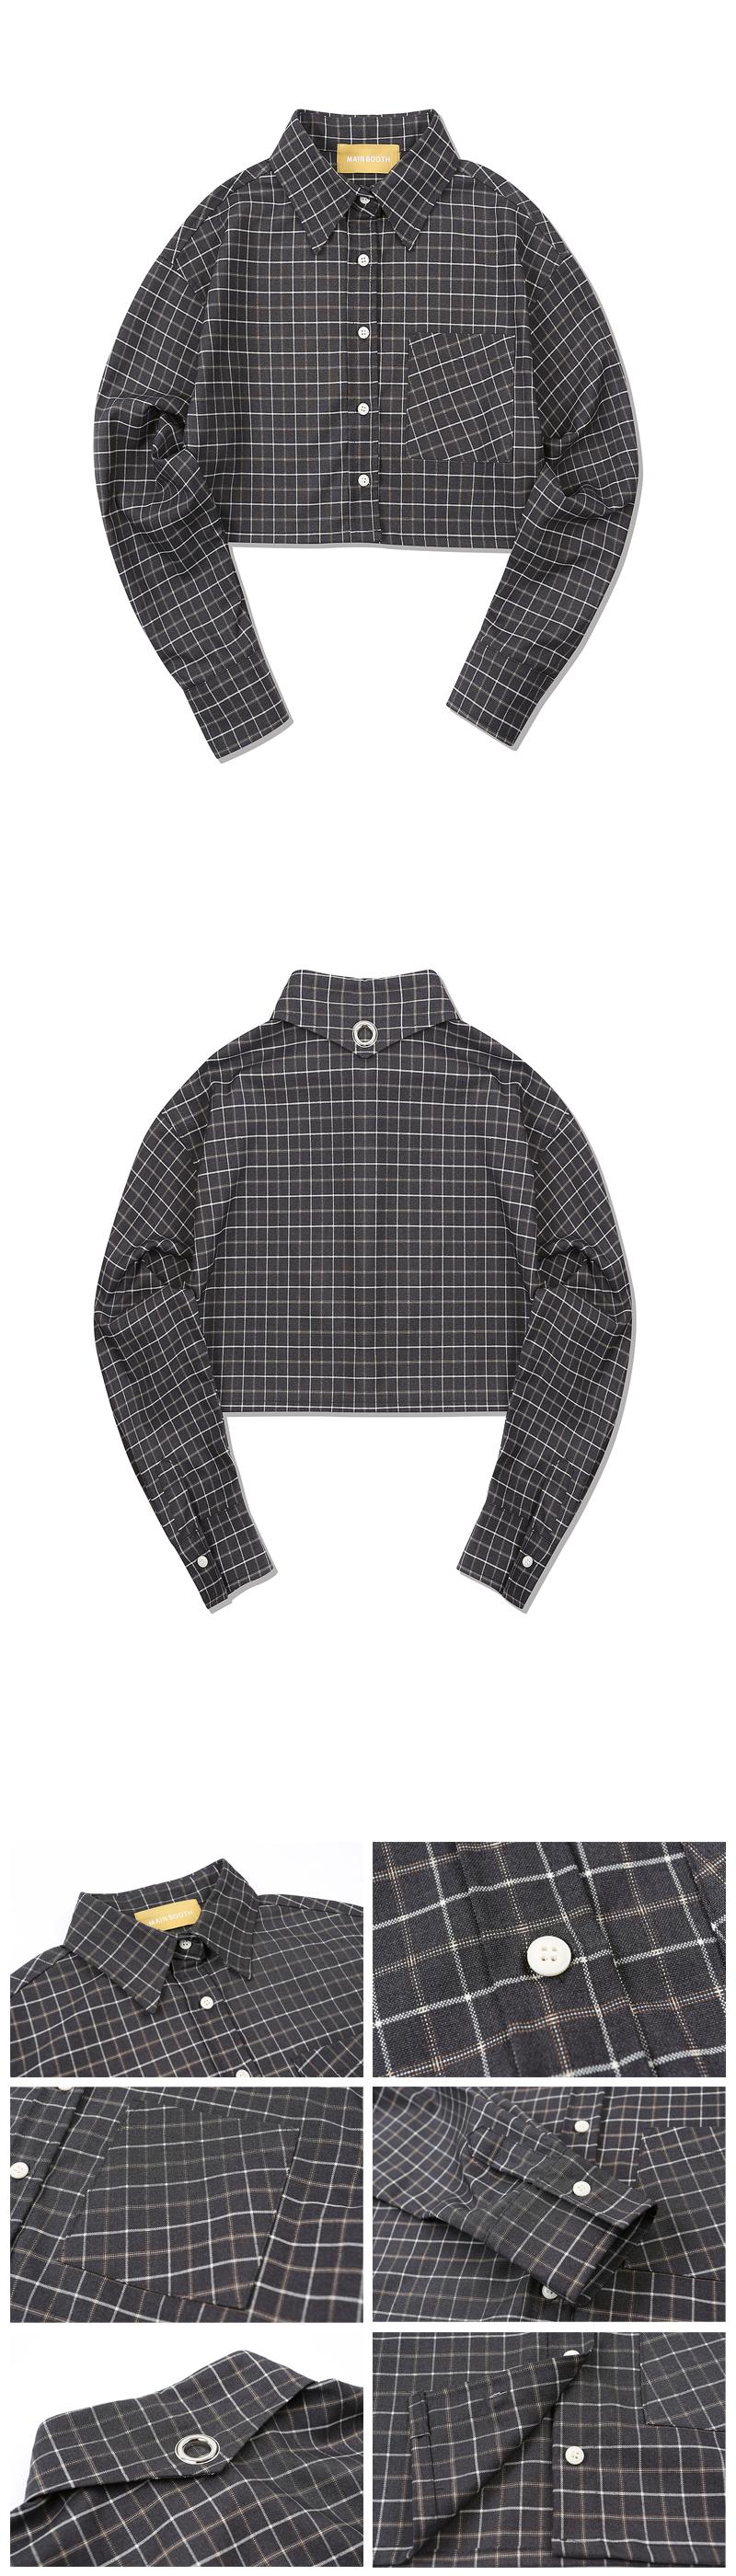 메인부스(MAINBOOTH) Andaz Crop Shirt(CHARCOAL)